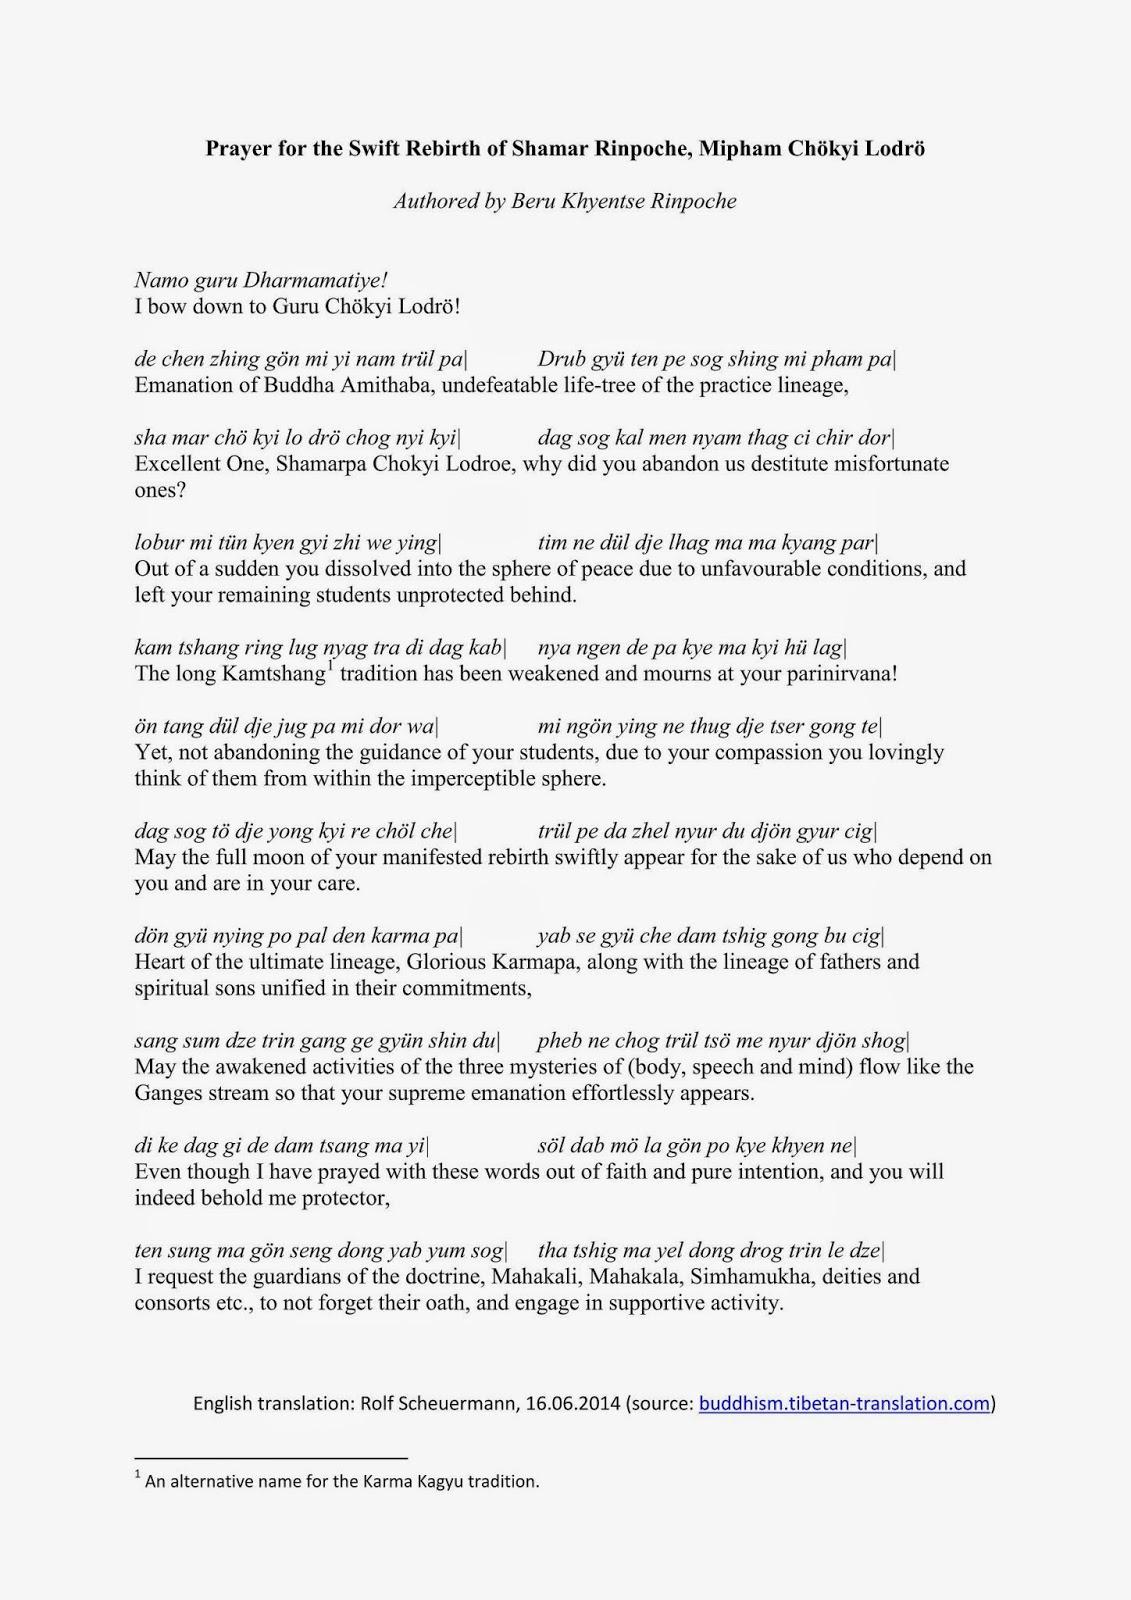 English translation of the prayer for a swift rebirth of Shamar Rinpoche Mipham Chokyi Lodroe by Beru Khyentse Rinpoche